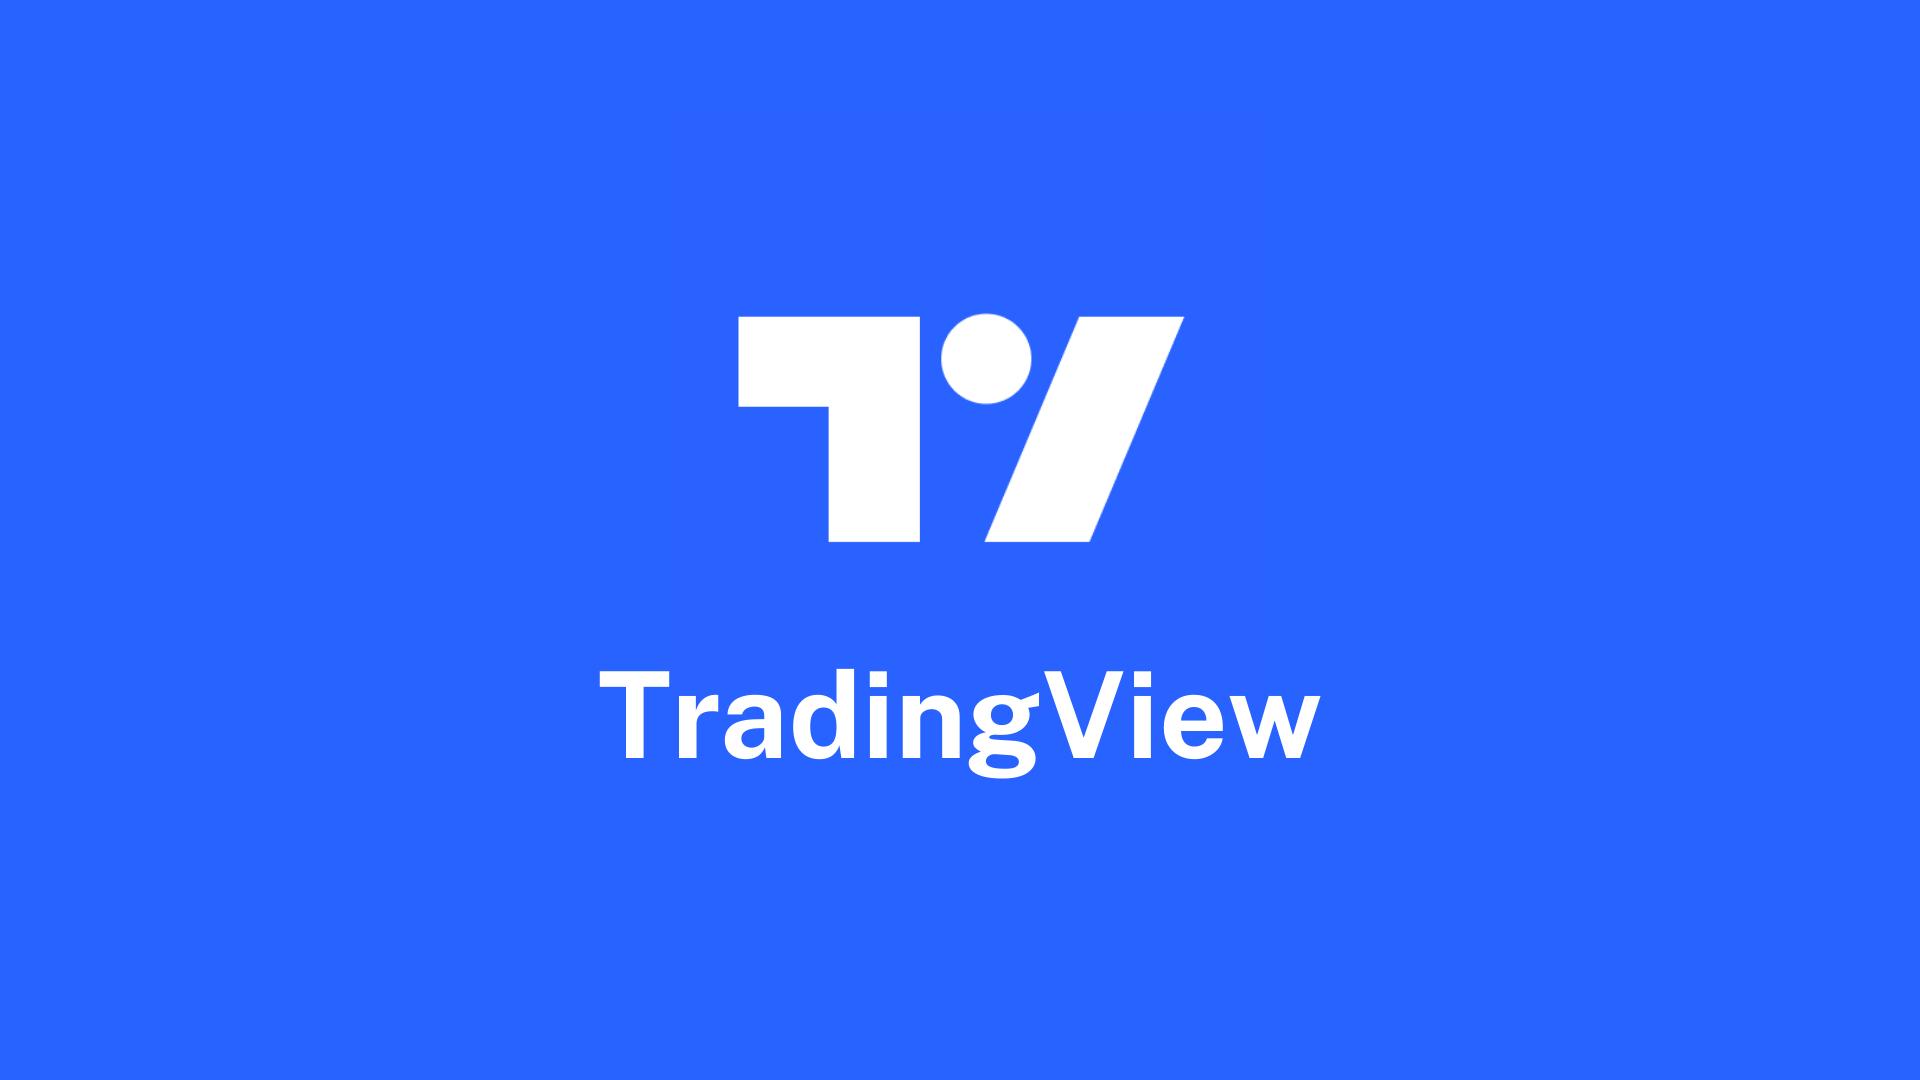 btc bch tradingview